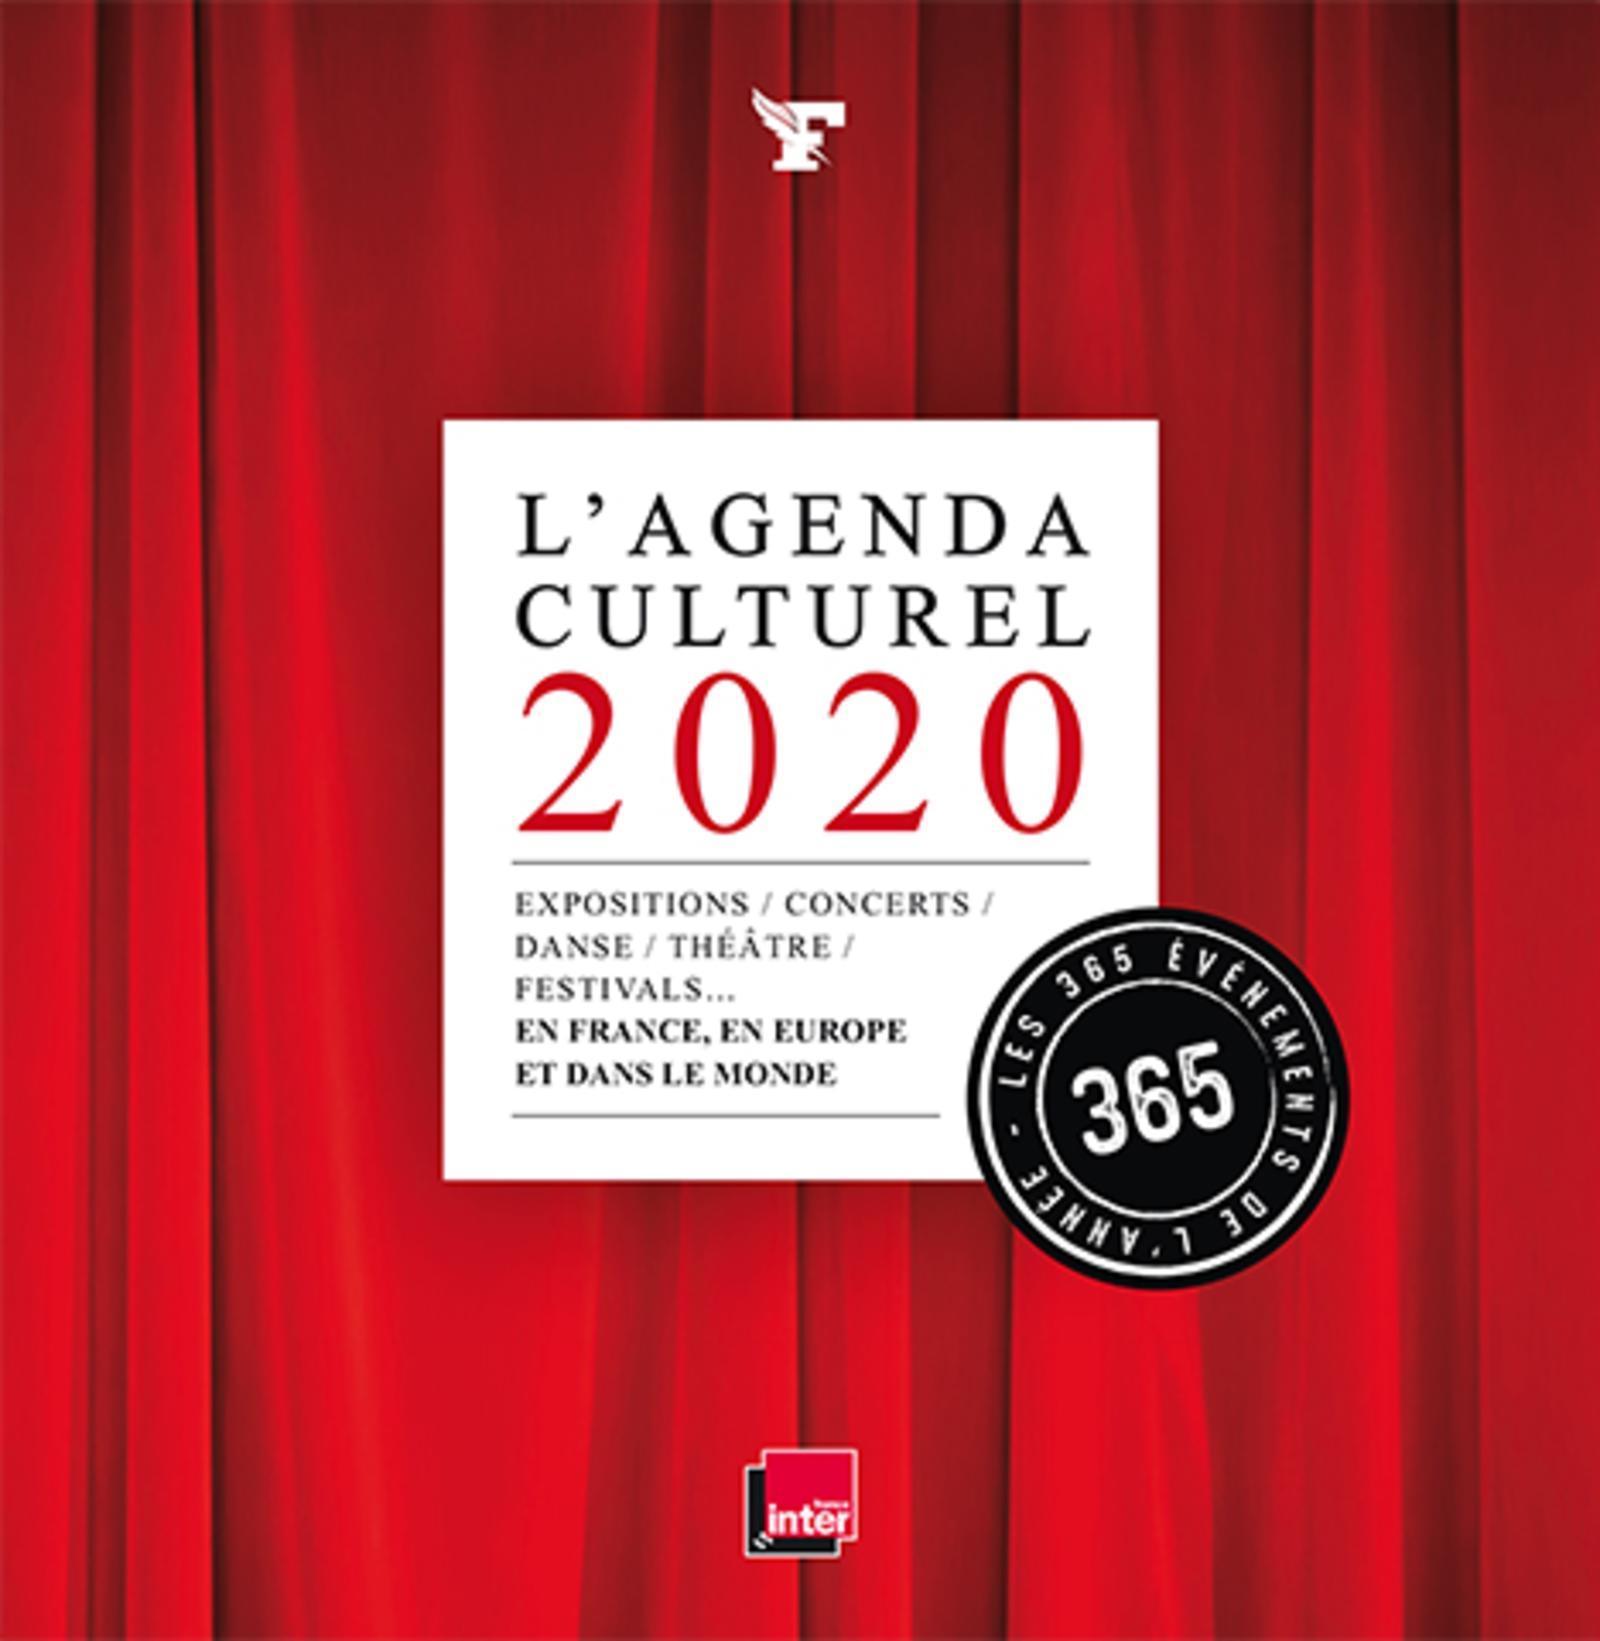 L' AGENDA CULTUREL 2020 - LES 365 EVENEMENTS DE L'ANNEE. EXPOSITIONS, CONCERTS, DANSE, THE